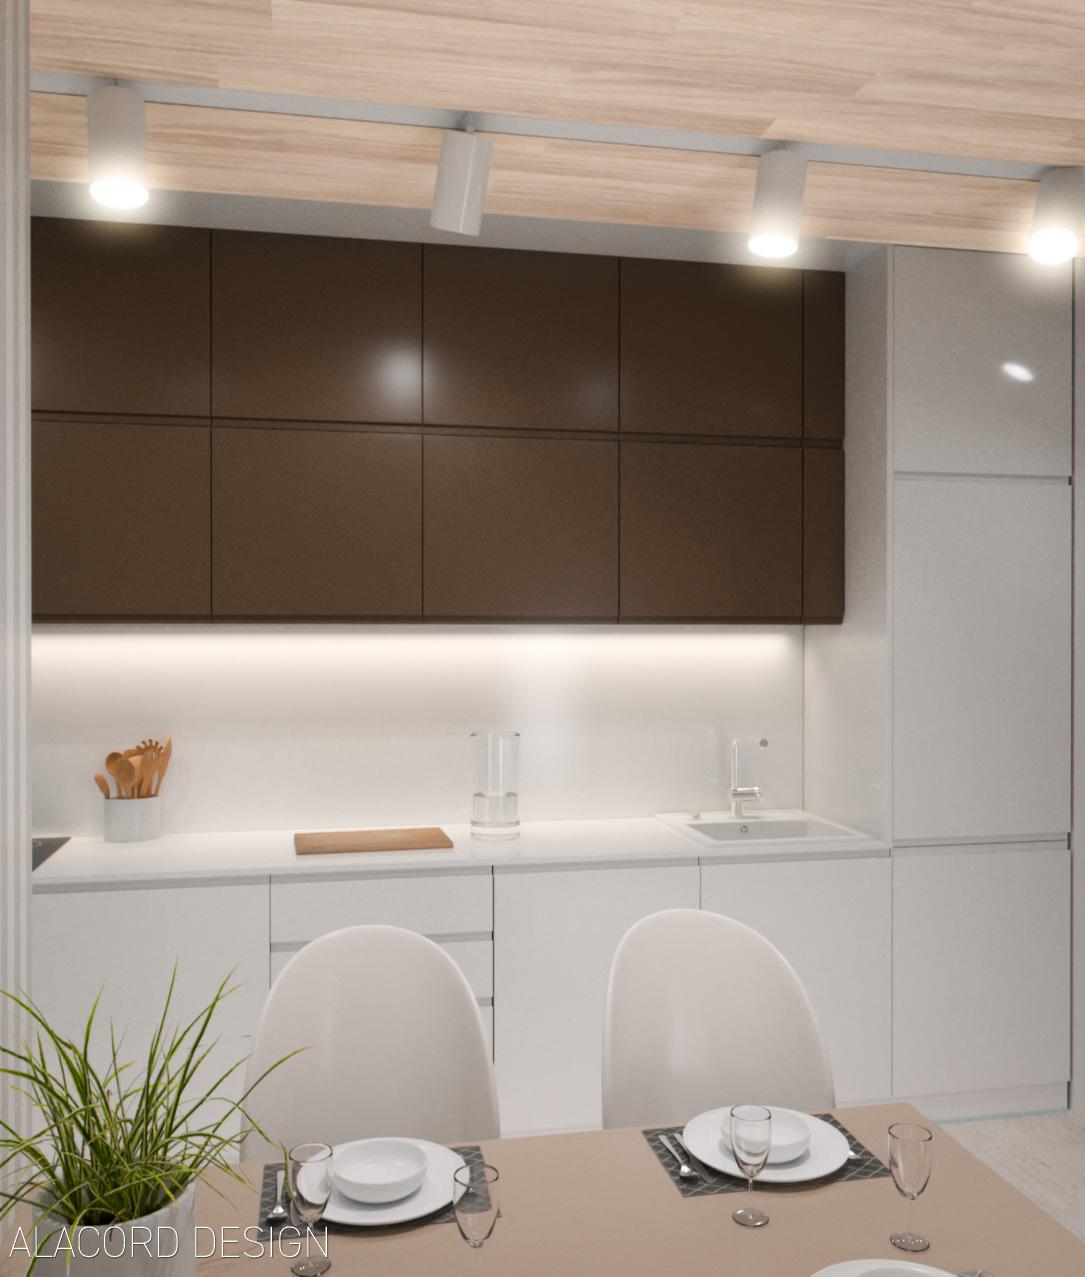 Alacord blanc fehér barna konyha